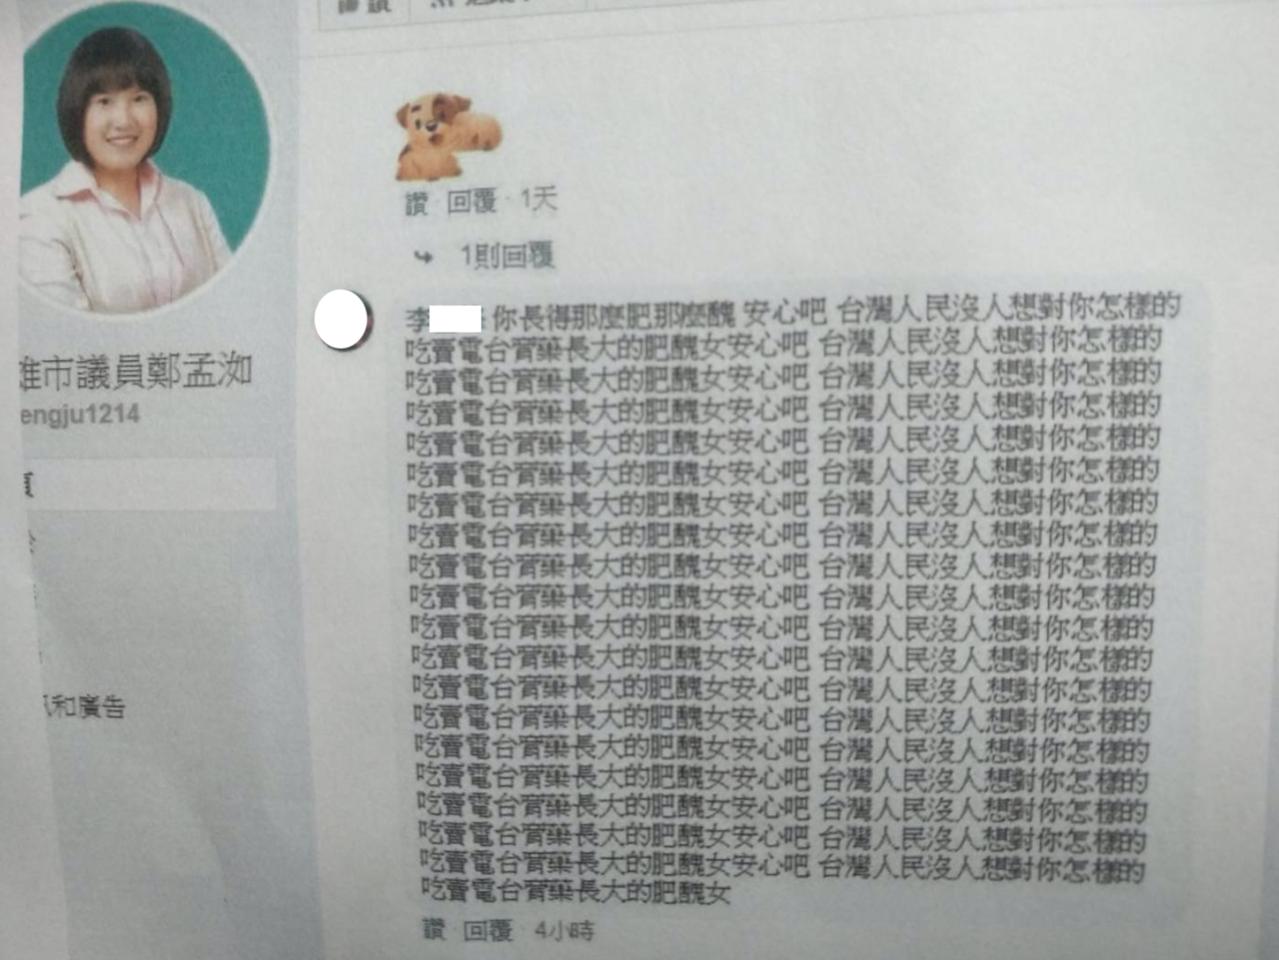 李姓男子在民進黨高市議員鄭孟洳的粉絲團留言,辱罵「吃賣電台膏藥長大的肥醜女」。記...